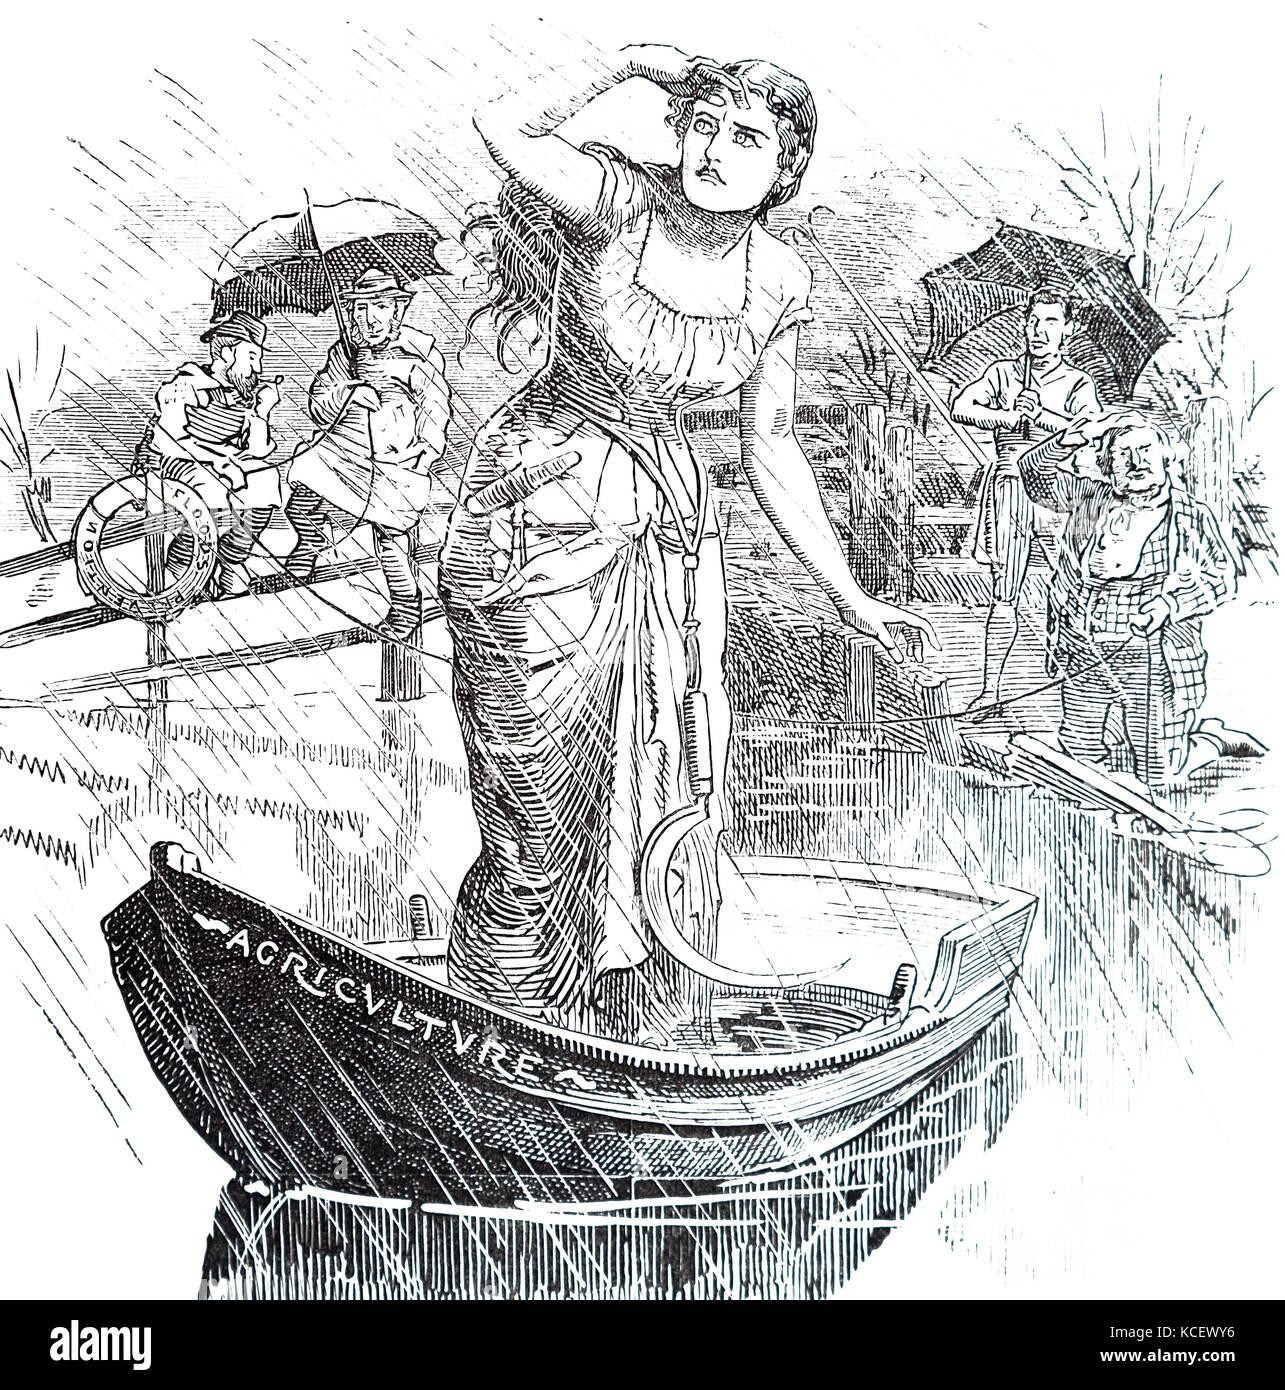 Cartoon mit der Darstellung der Charakter 'Landwirtschaft' auf den Horizont auf der Suche nach guten Wetter. Stockbild